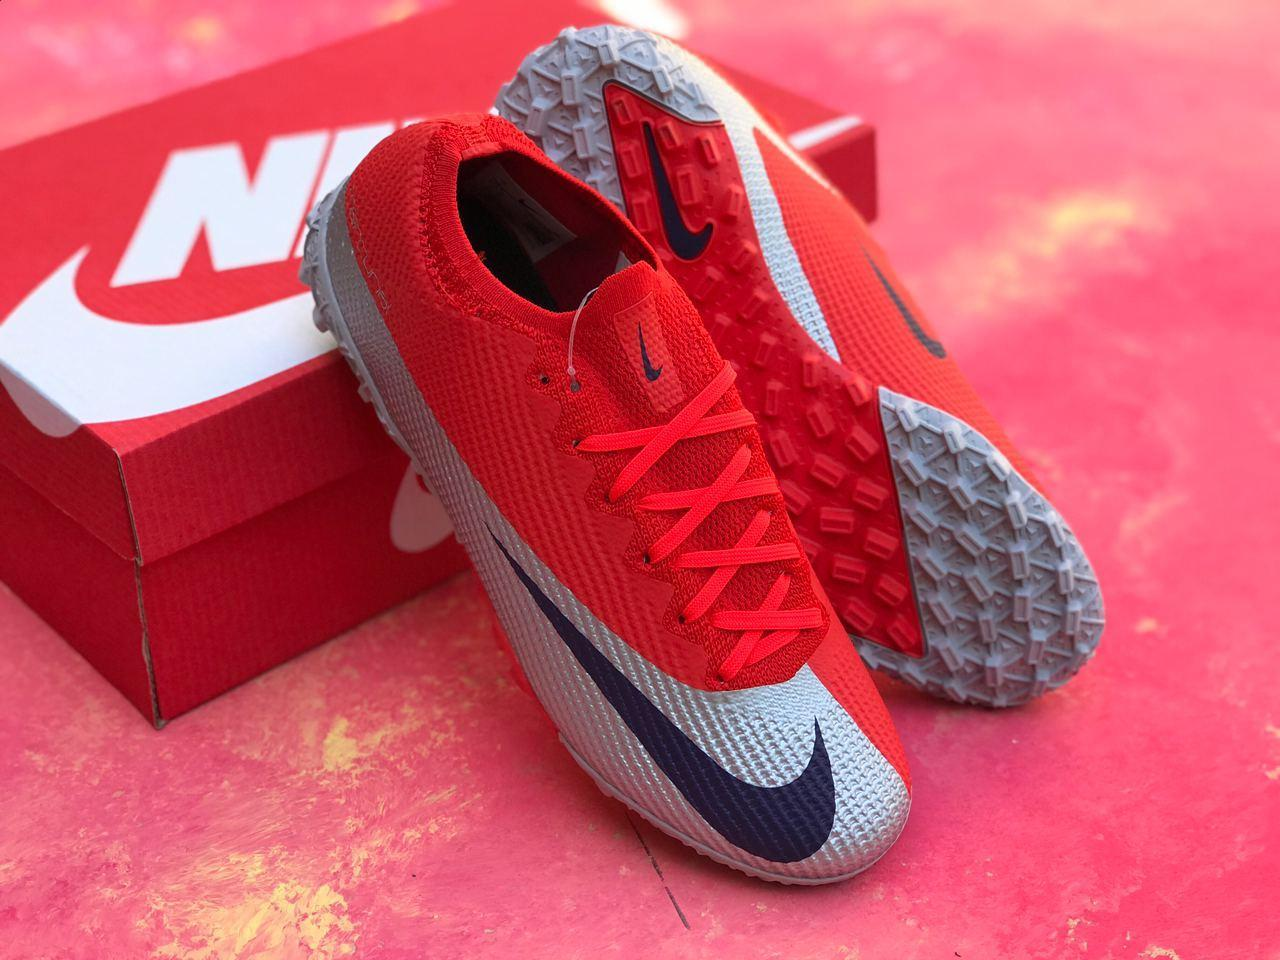 Сорокножки Nike Mercurial Vapor 13 Elite MDS FG/ сороконожки найк/ футбольная обувь